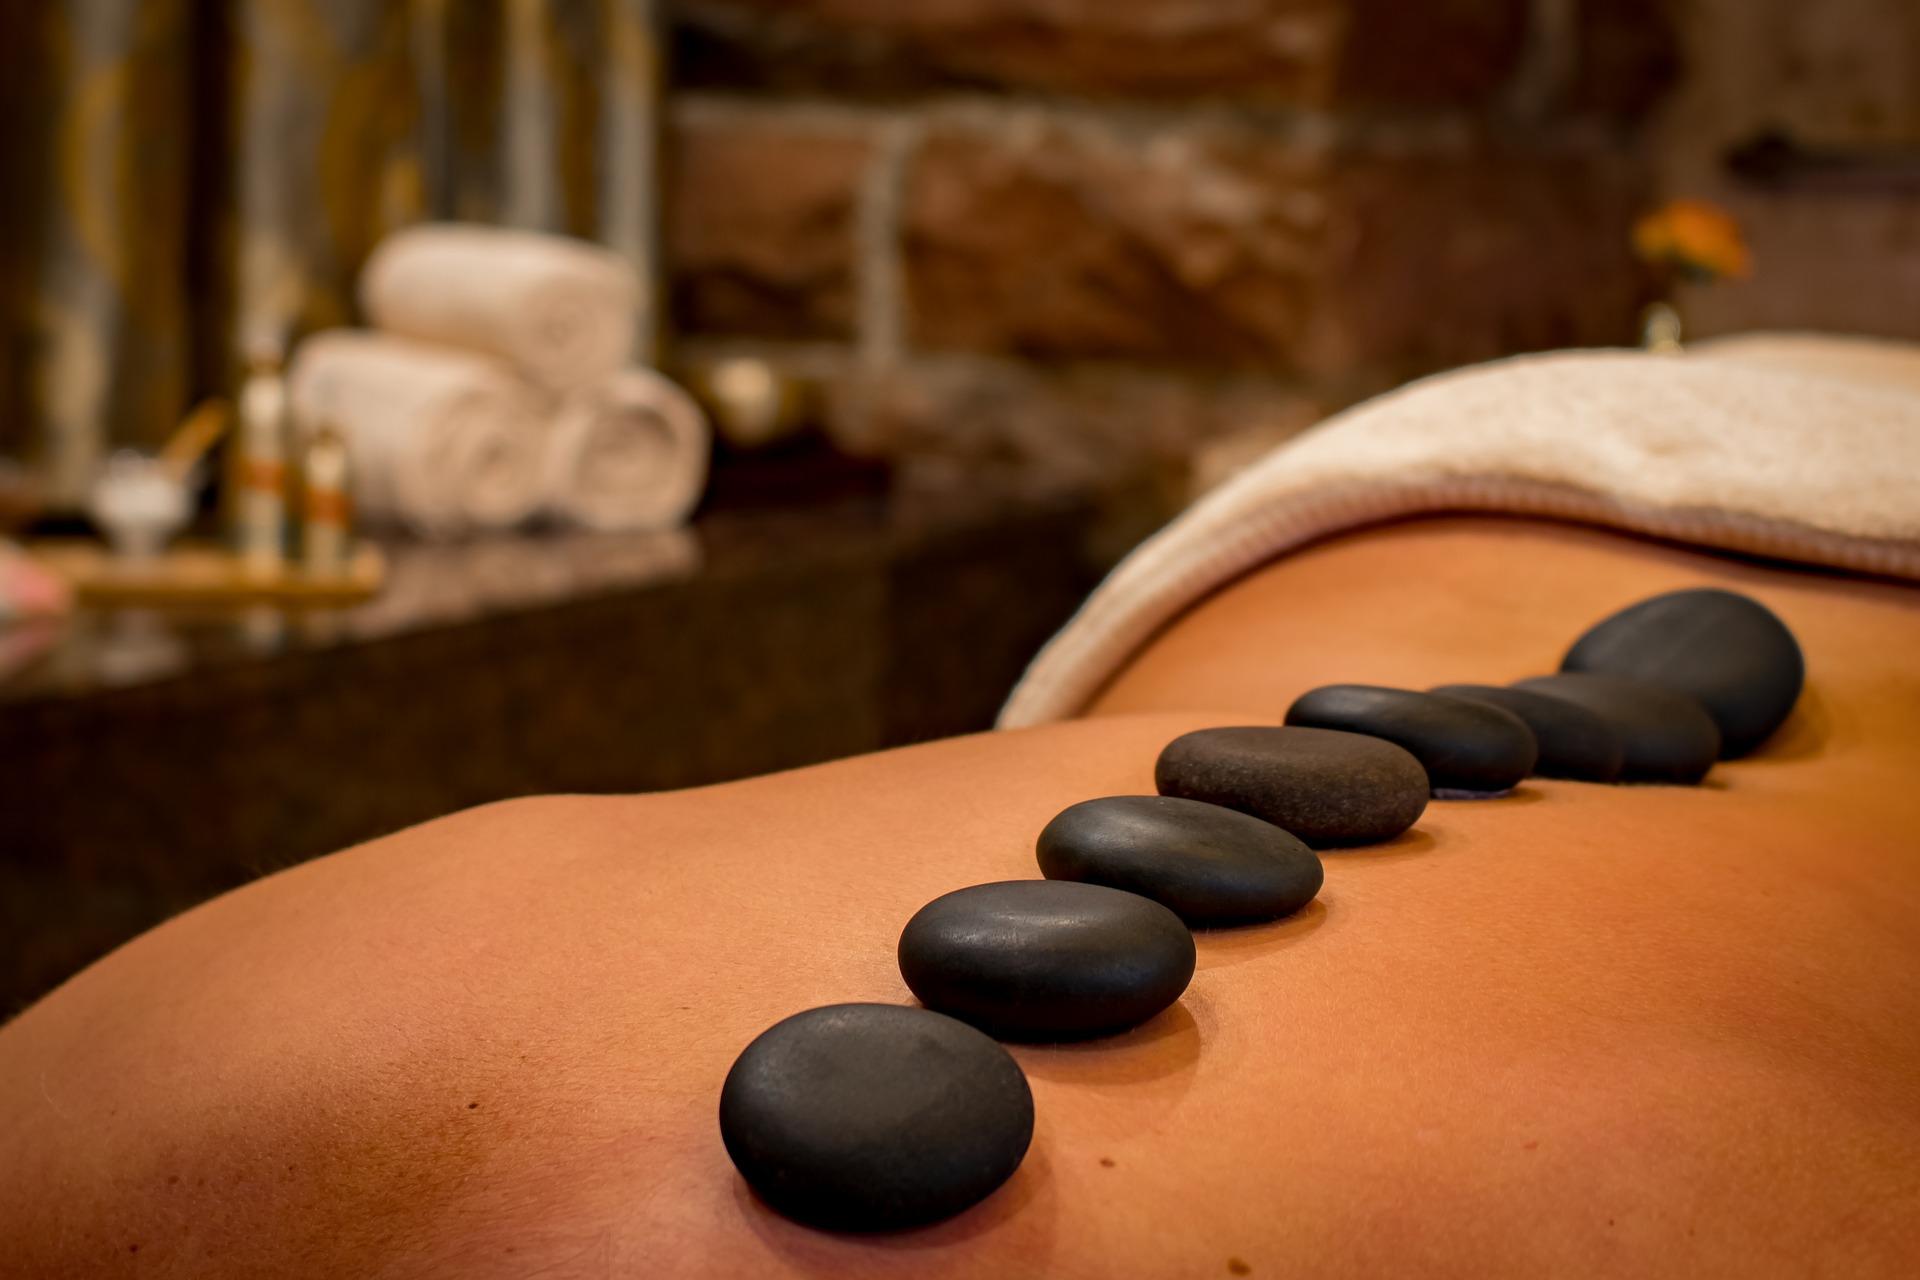 hot stone massage on a woman